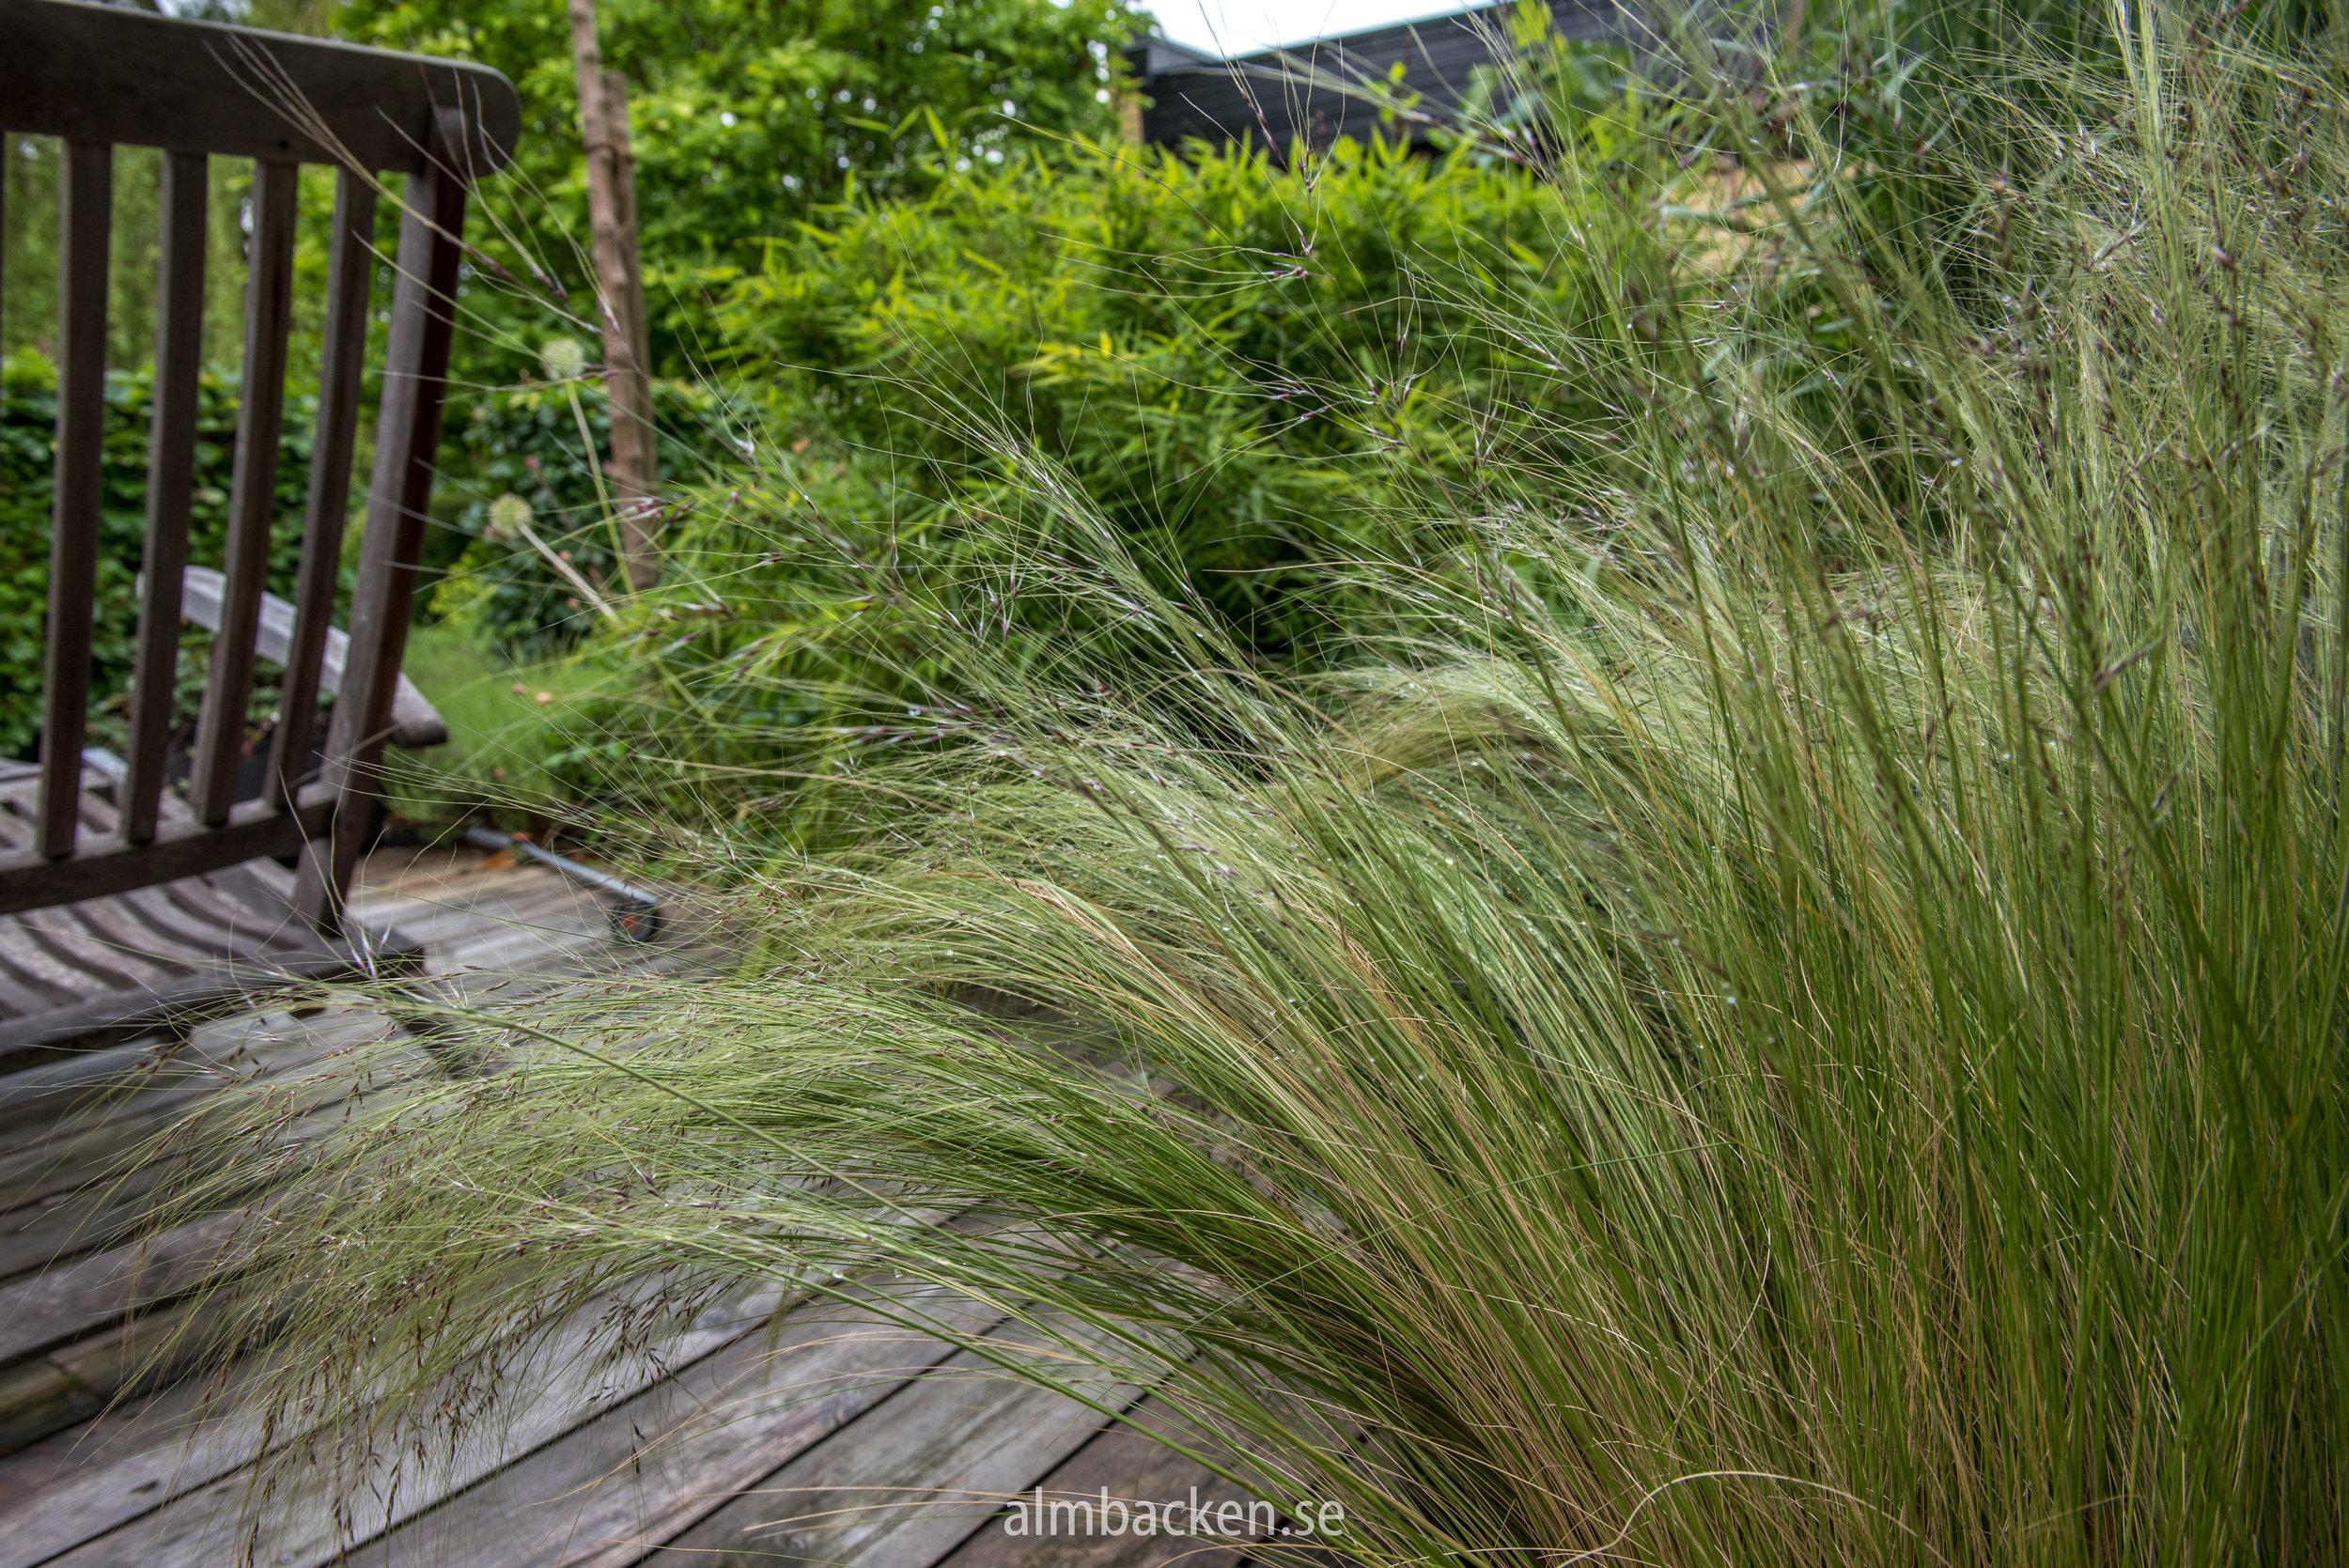 trädäck-decking-svansfjädergräs-pennisetum3.jpg